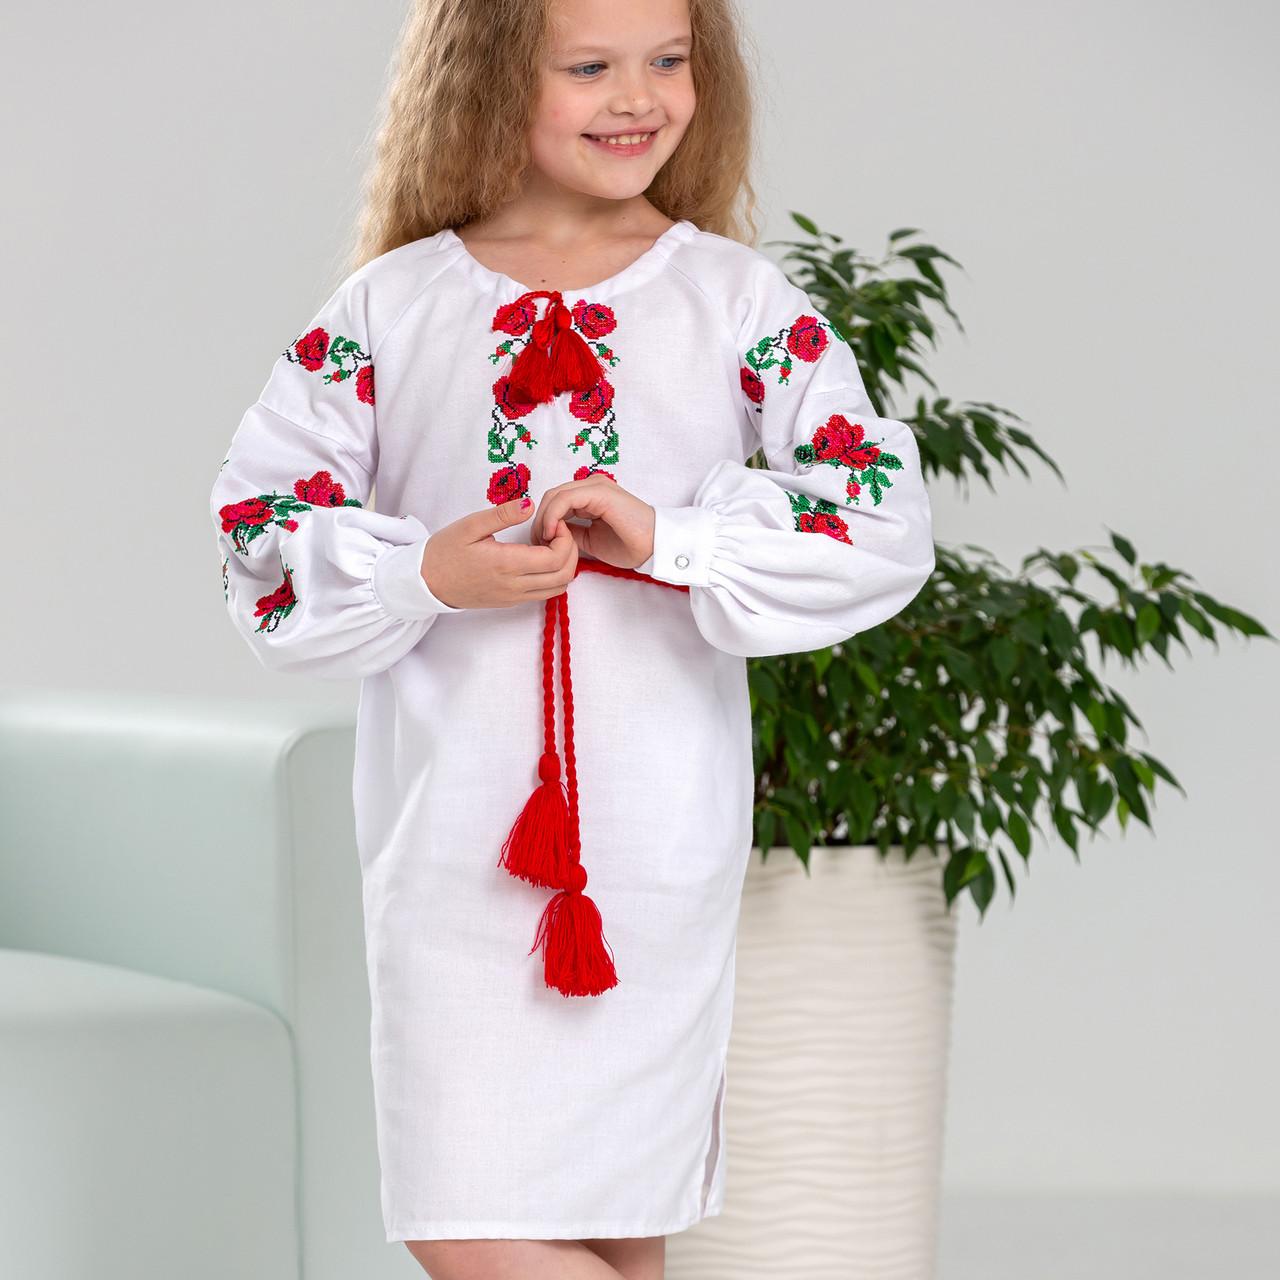 Платье в украинском стиле - Трояндочка от 6 до 13 лет